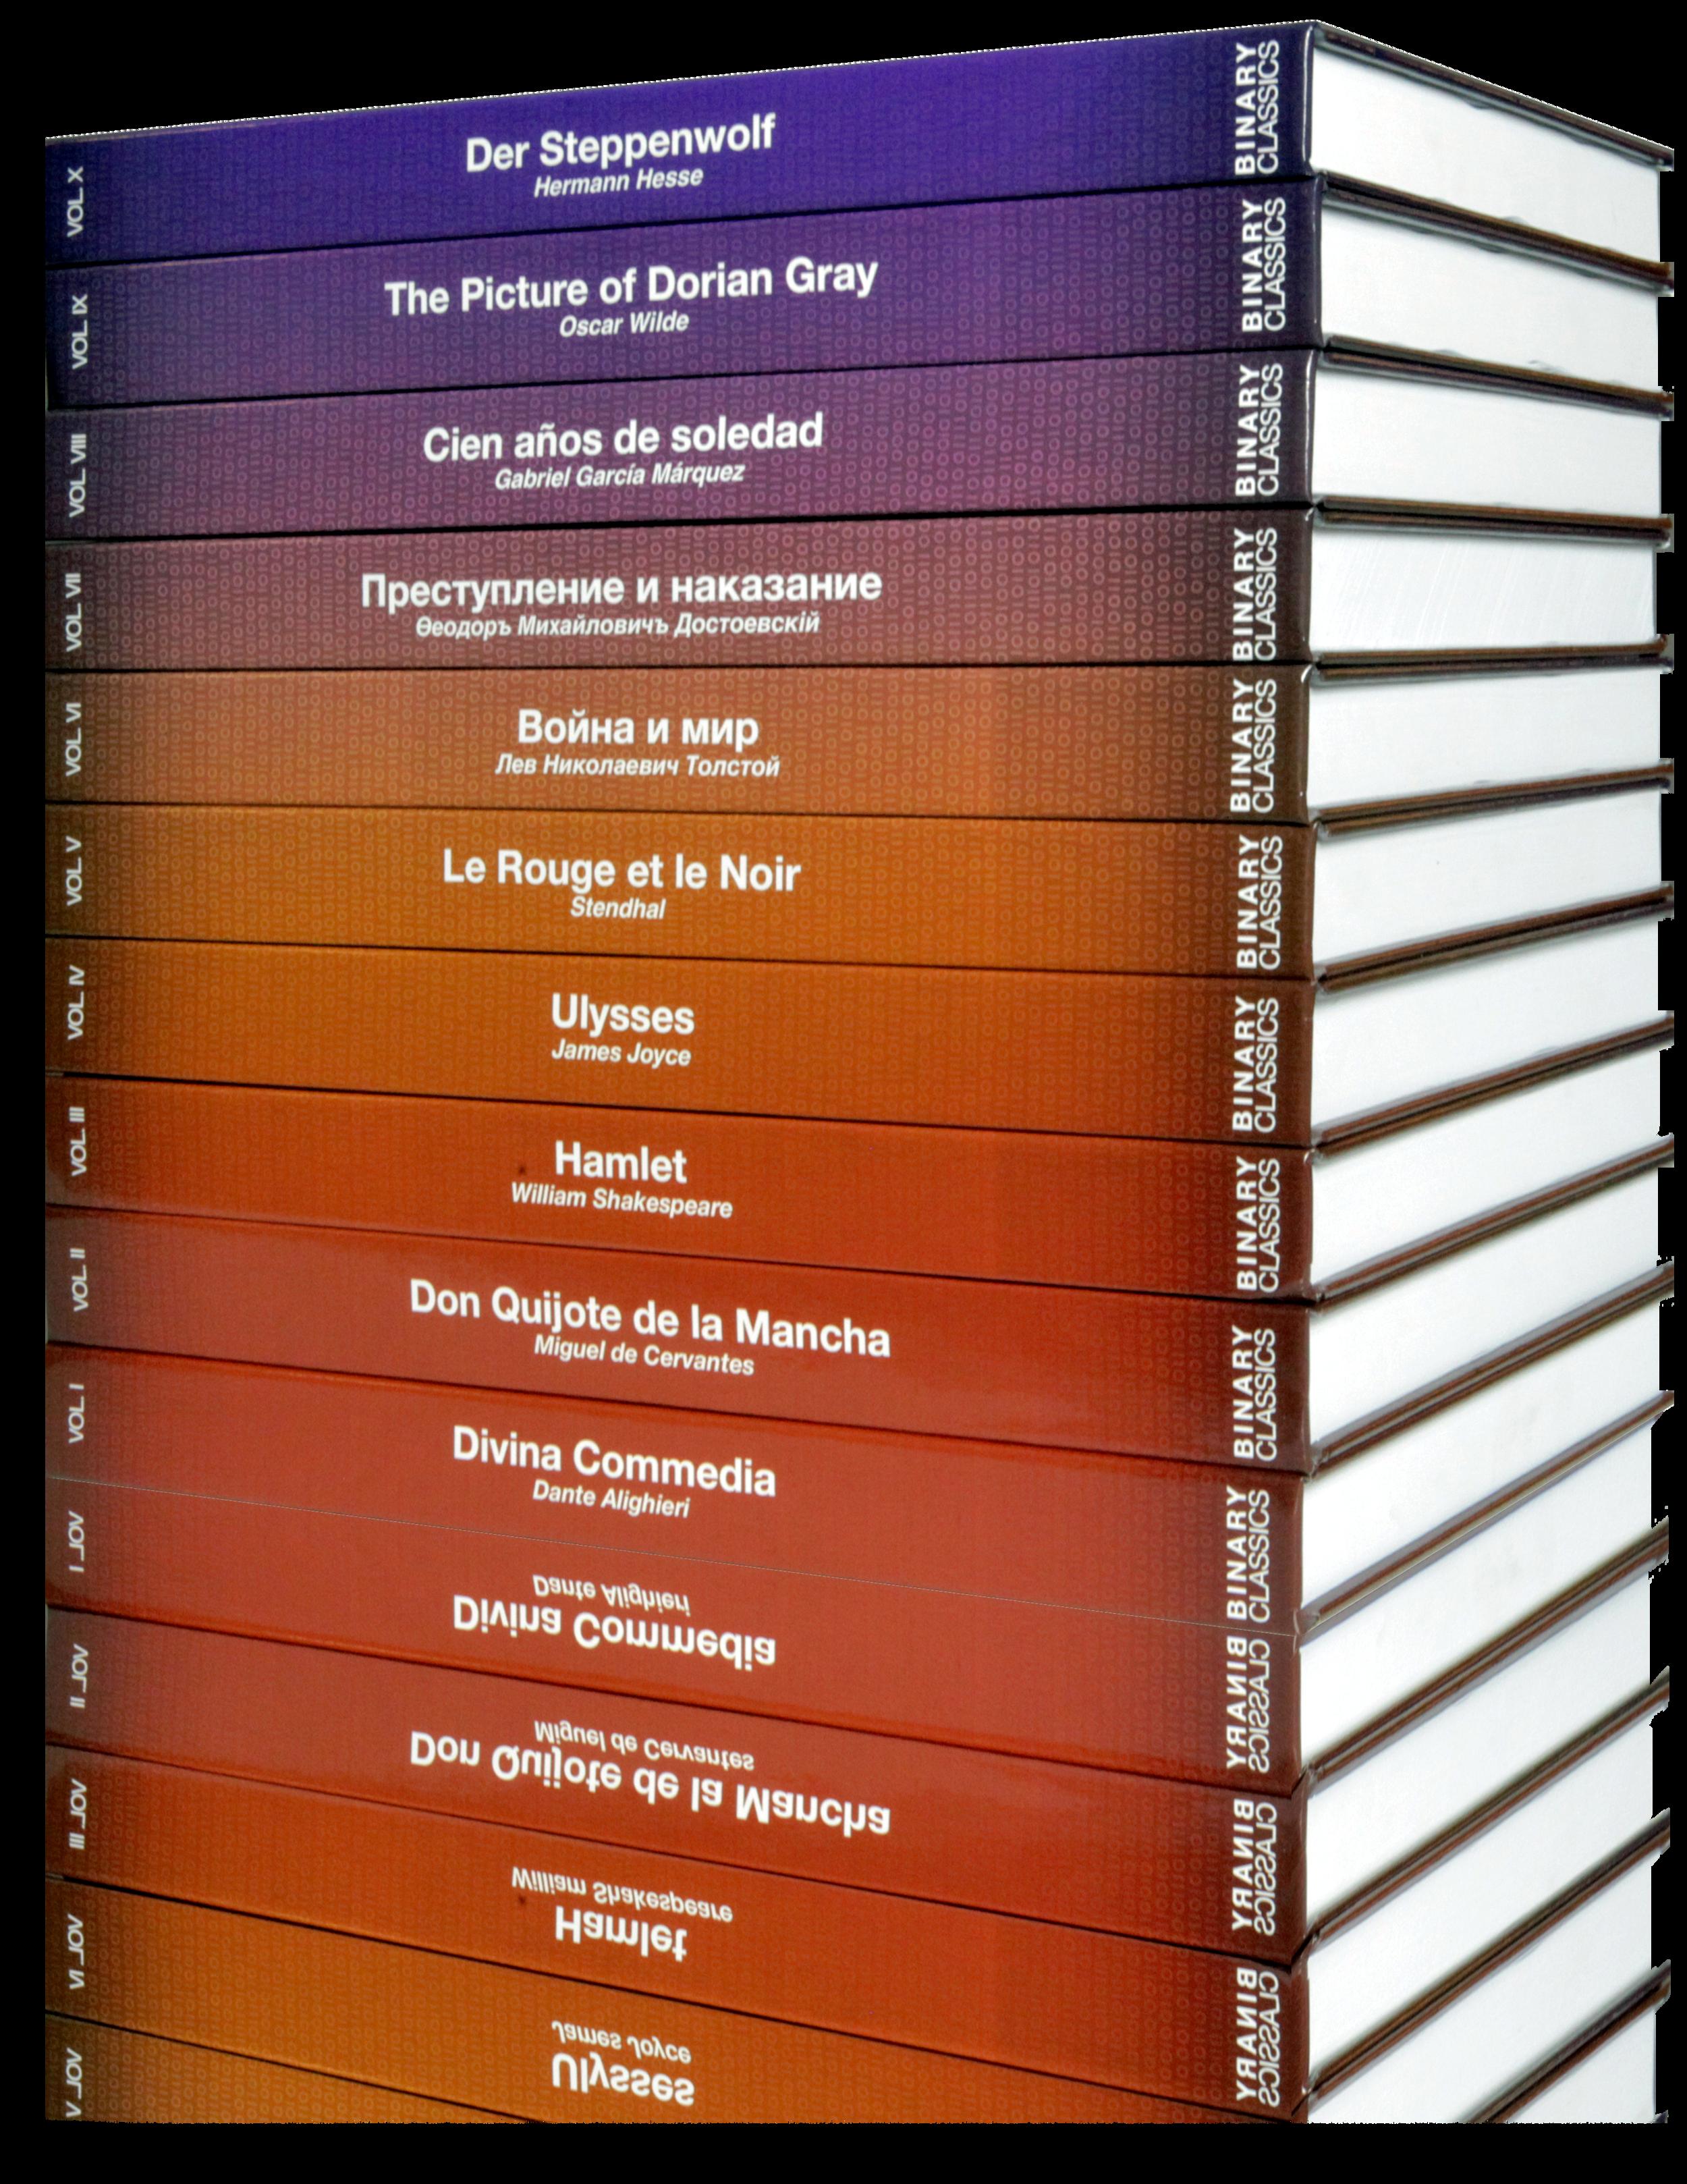 ENciclopedia_10 copia.png